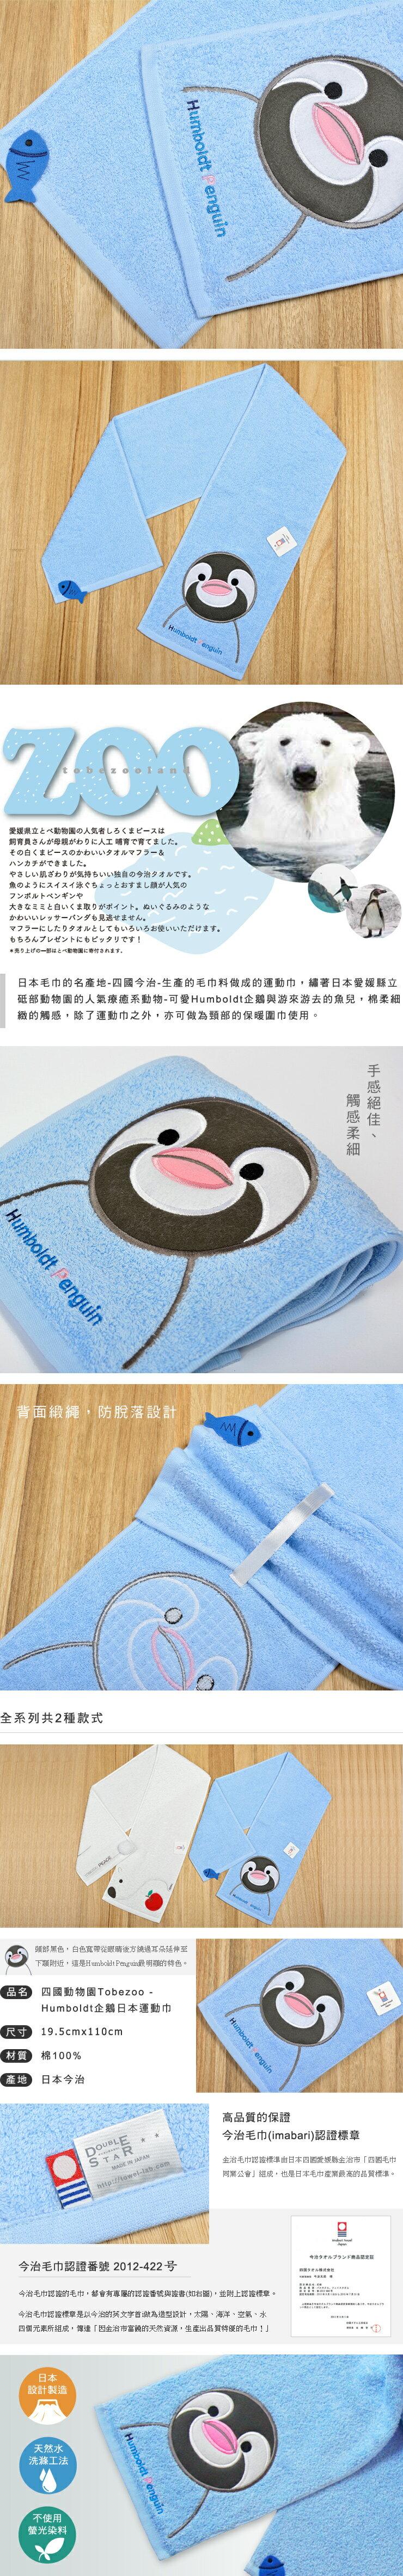 日本今治毛巾imabari towel - 四國動物園Tobezoo - Humboldt企鵝日本運動巾/圍巾《全館免運費》,純棉100%,吸汗且質地柔軟,吸水性強,日本設計製造,天然水洗滌工法,不使用螢光染料,不添加染劑